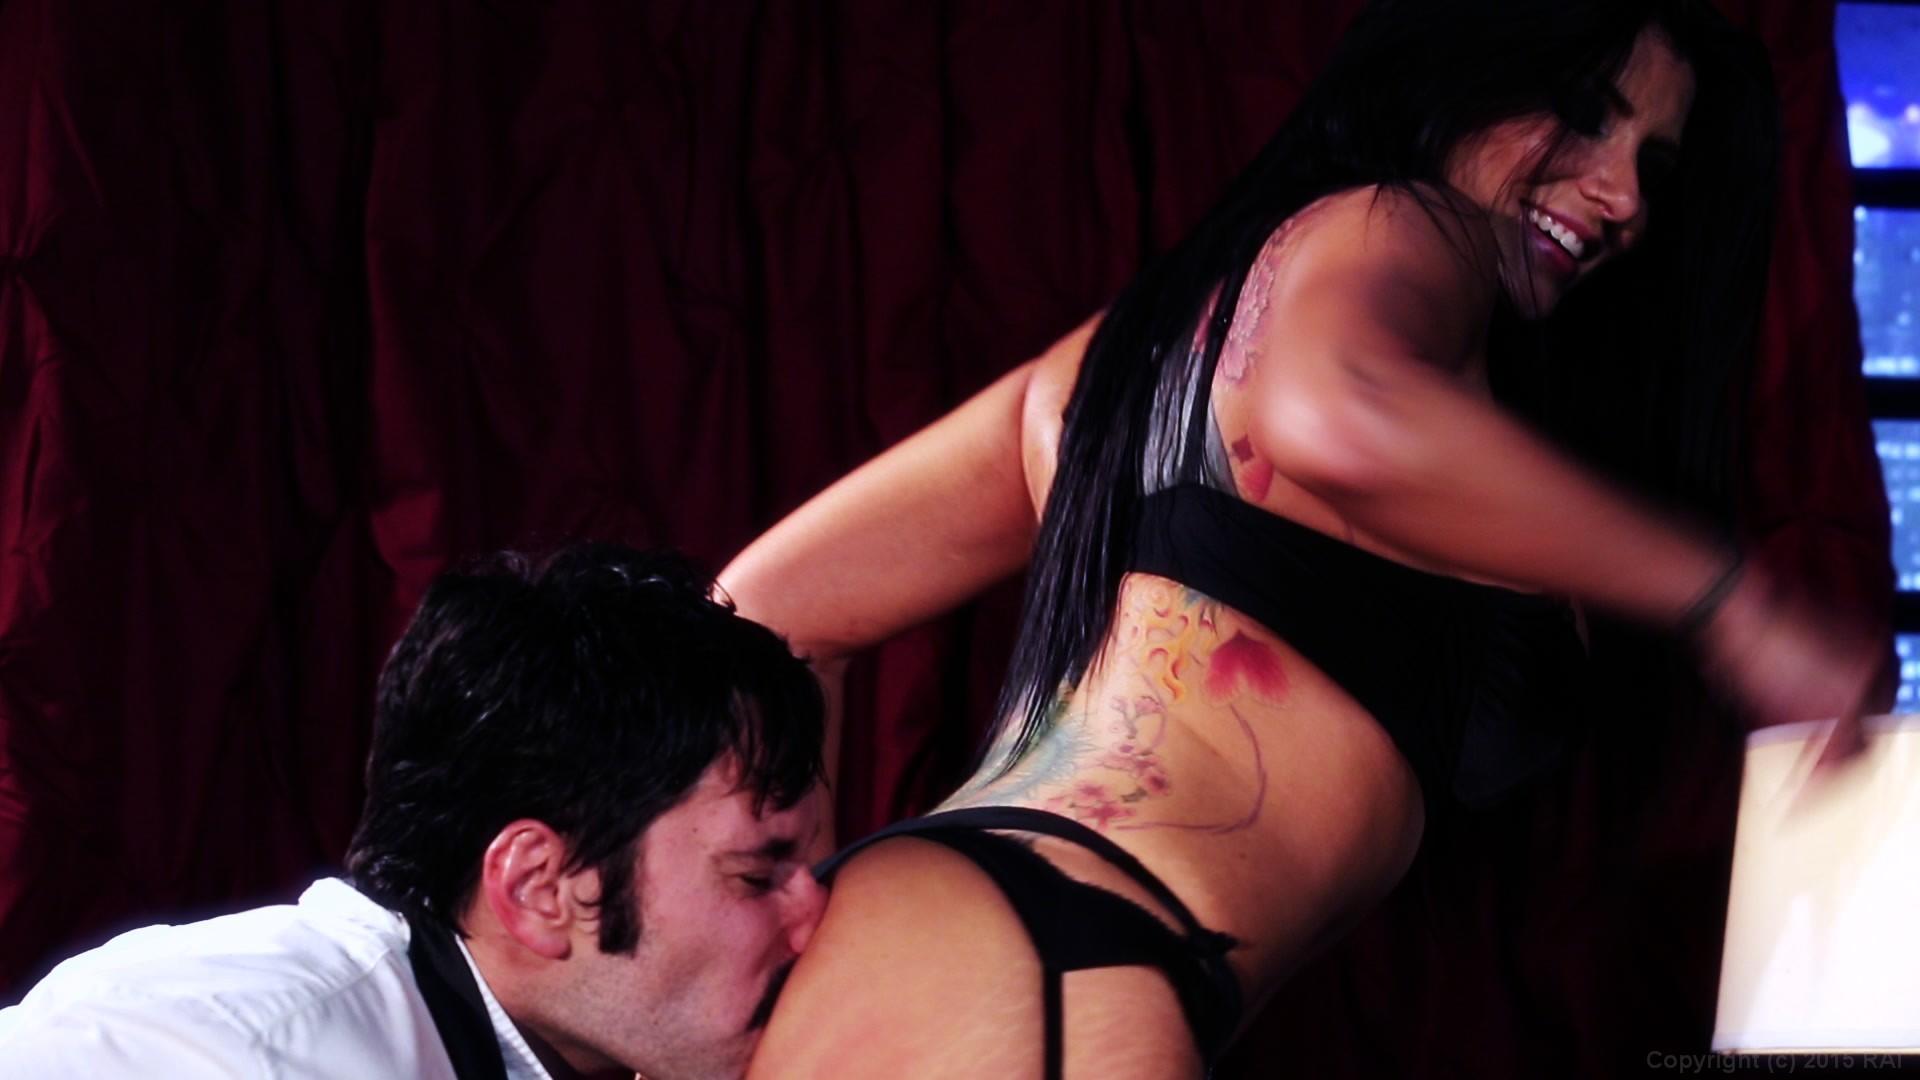 Dark Desires Porn 19